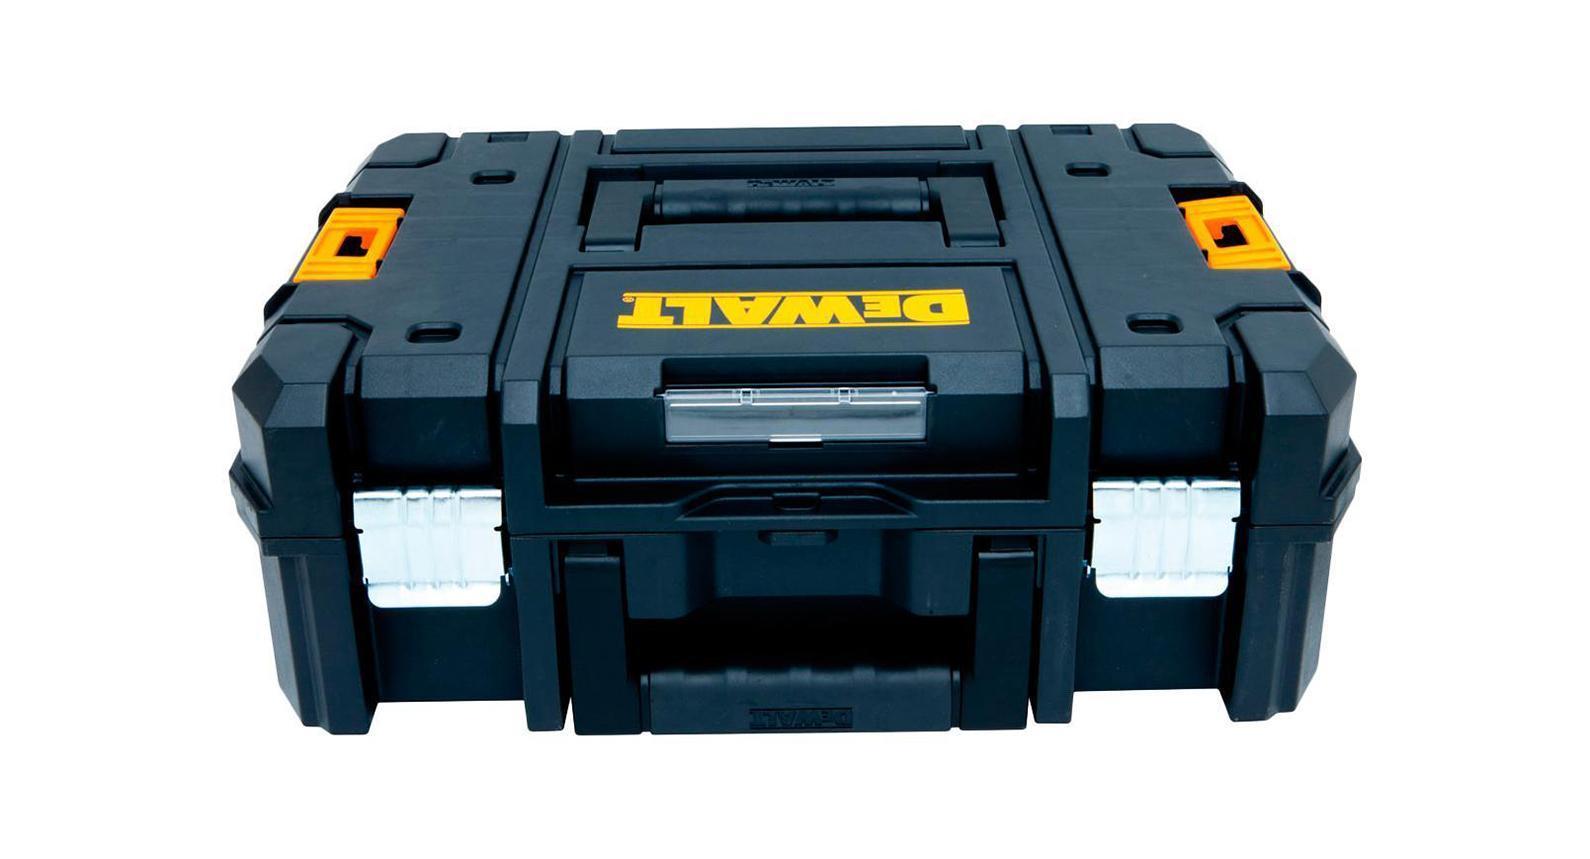 Ящик для инструмента DeWalt TSTAK II ящик для инструмента с органайзером stanley dewalt tstak dwst1 71194